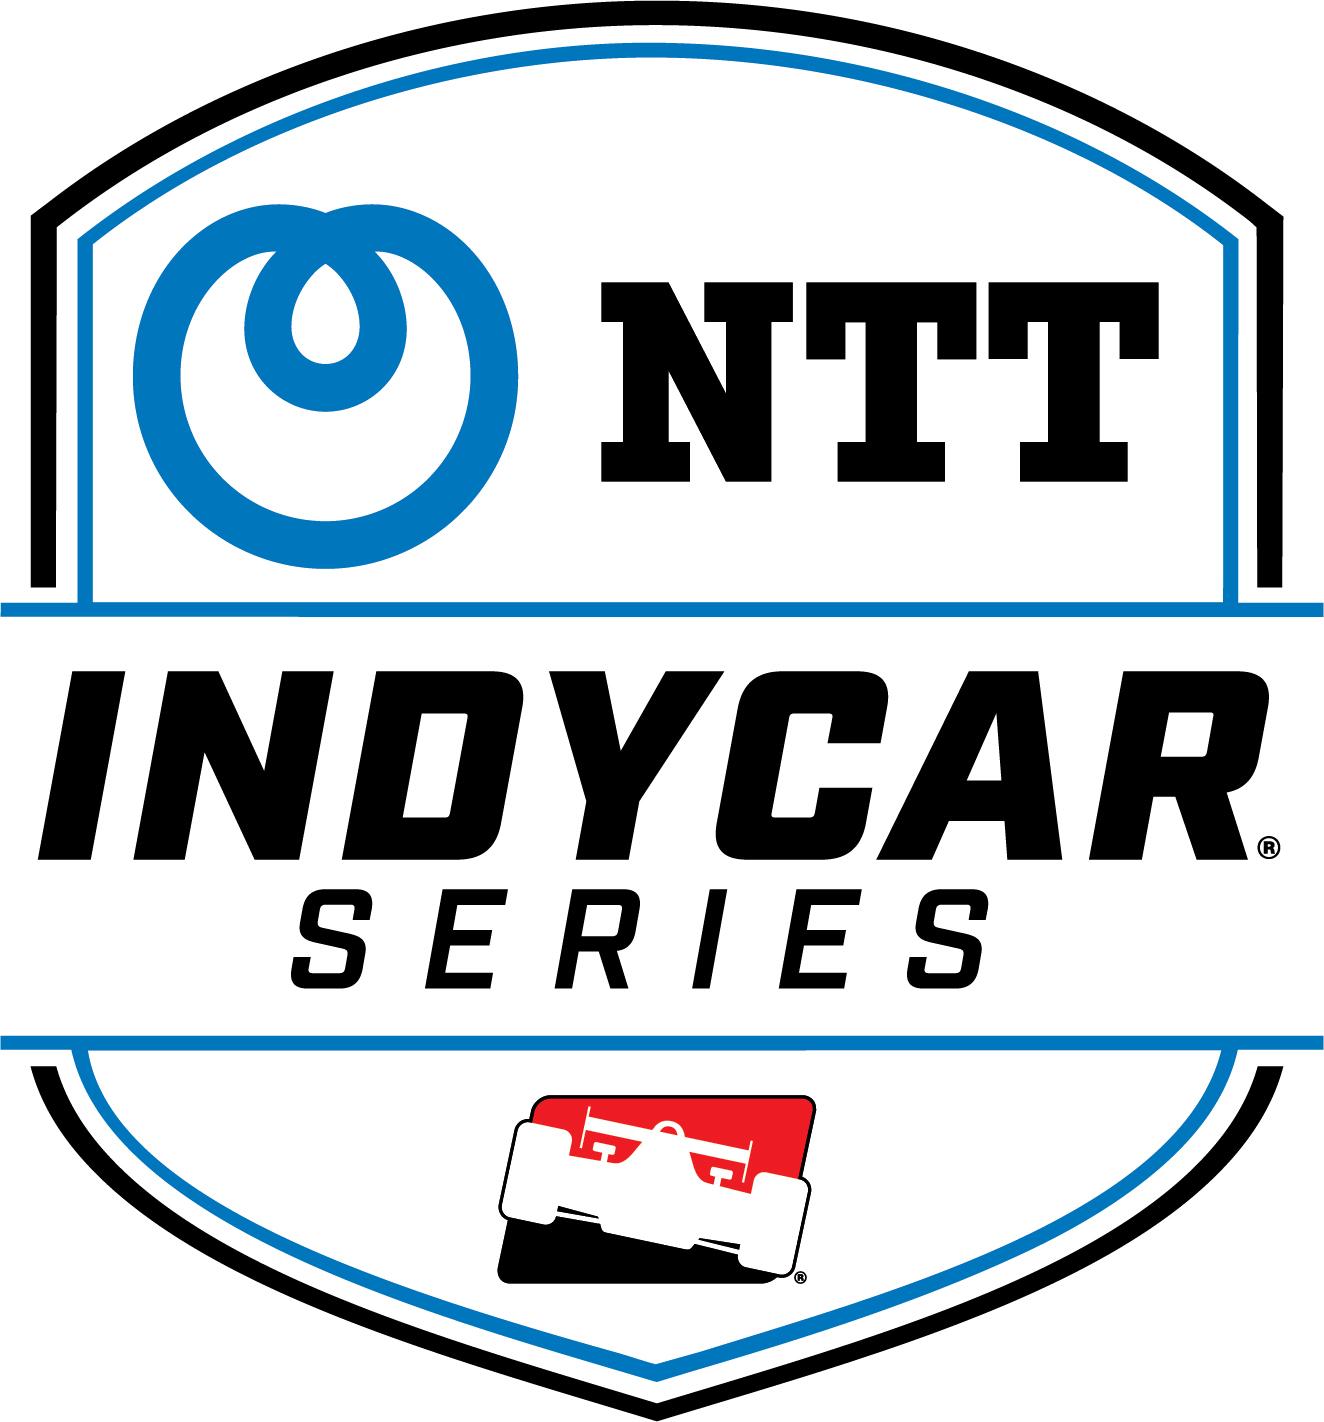 NTT_ICS_CYMK_POS.jpg